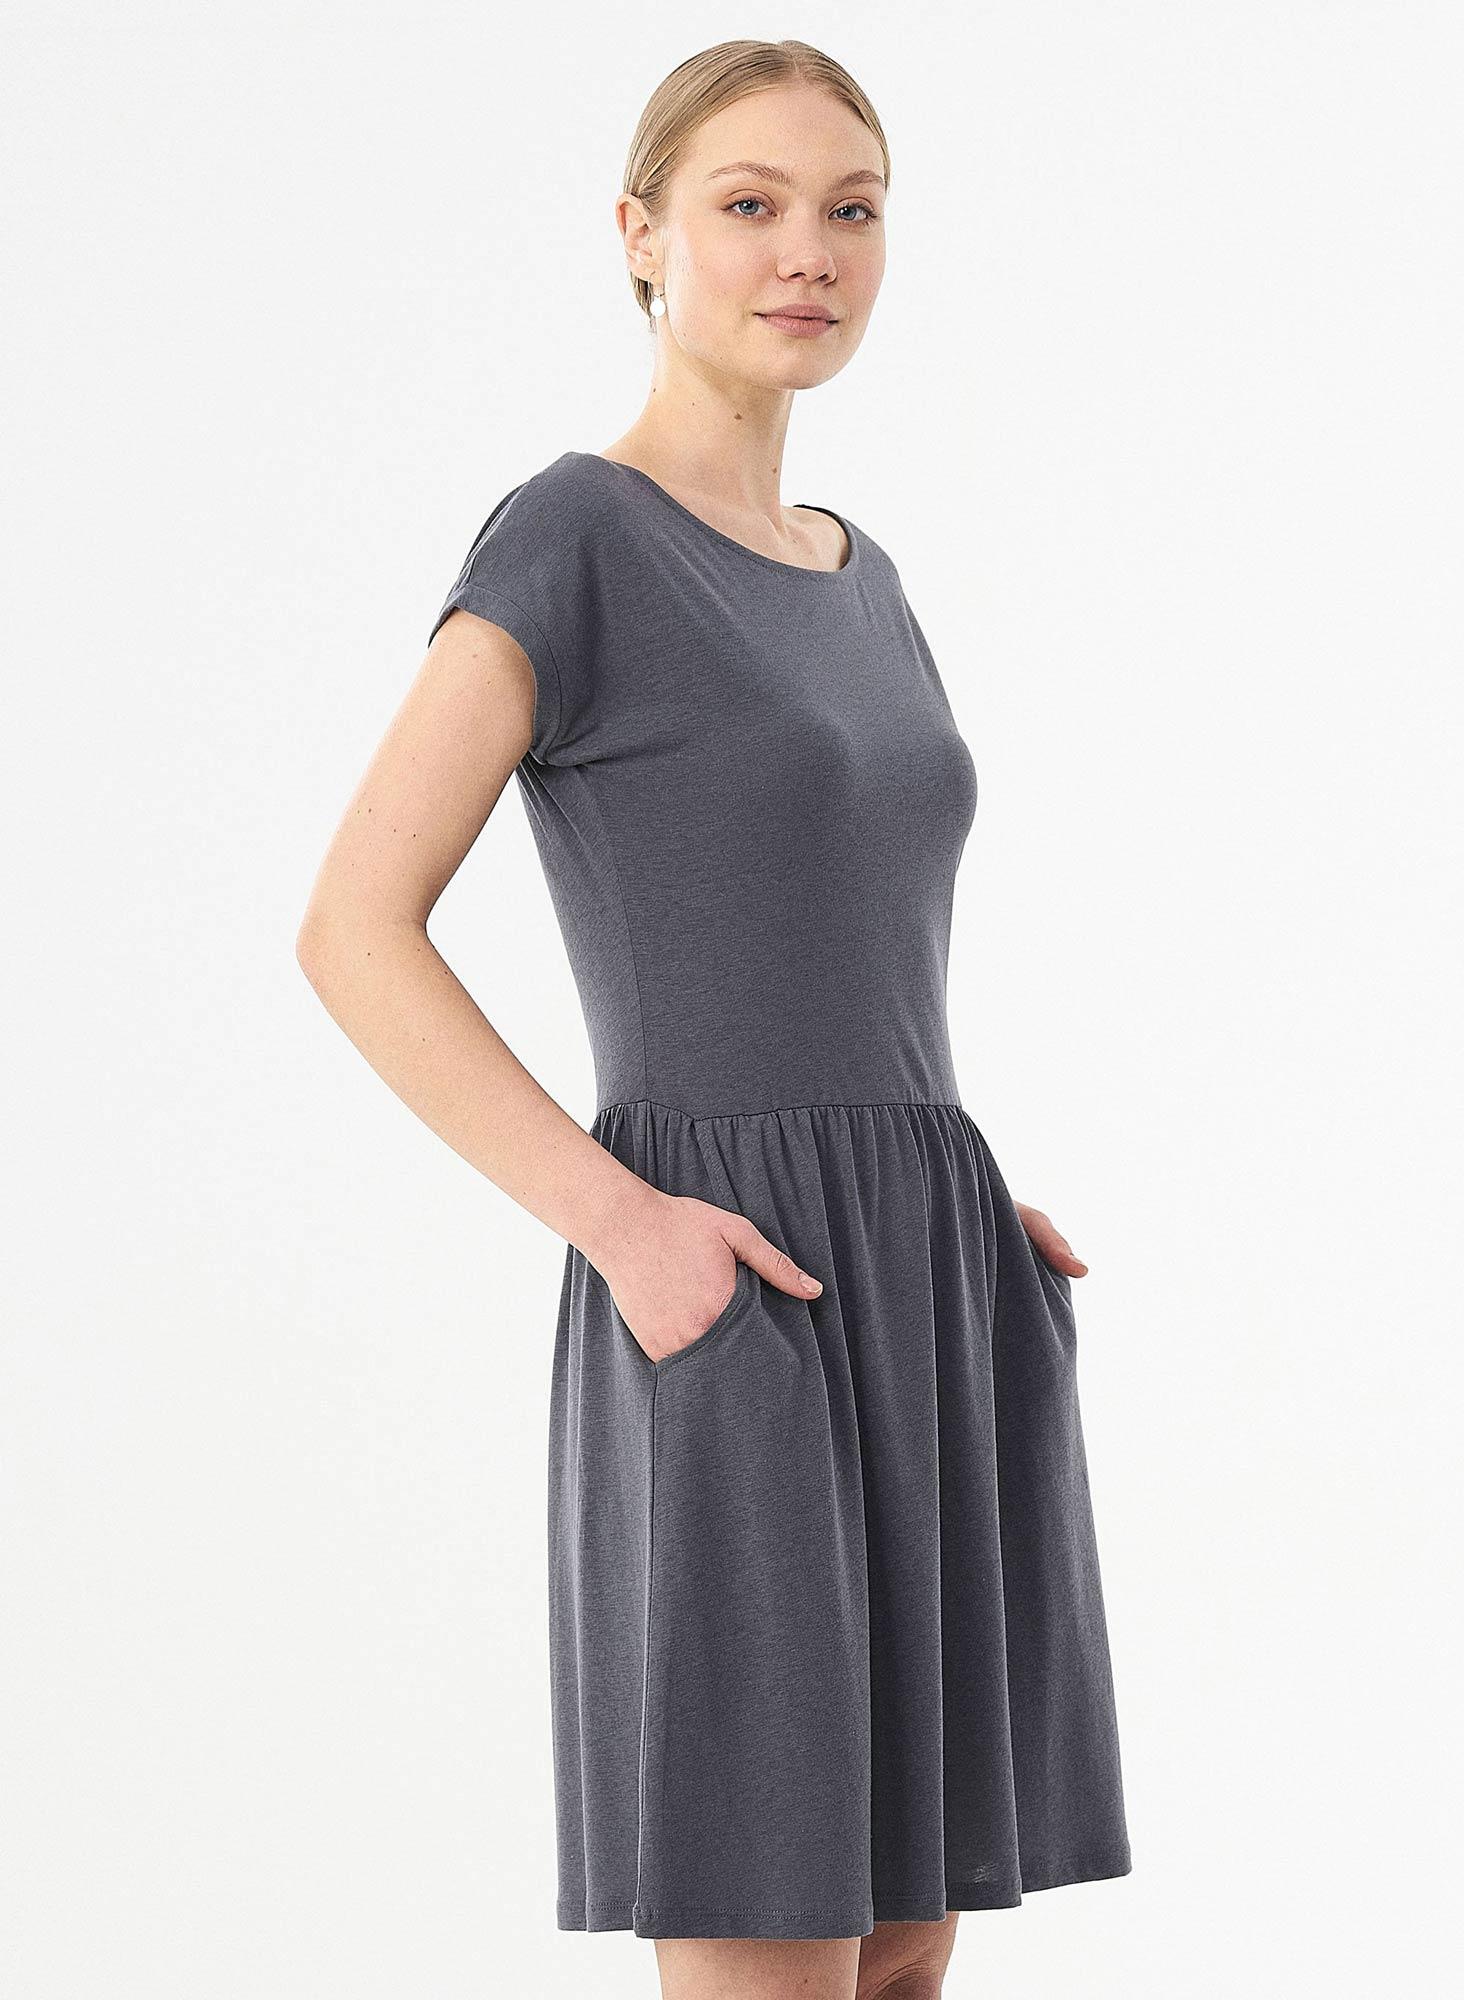 WOR11650-shadow-knielanges-Kurzarm-Kleid-aus-Lyocell-und-Bio-Baumwolle-elastische-Taille-Seitentaschen-vegan-PETA-approved